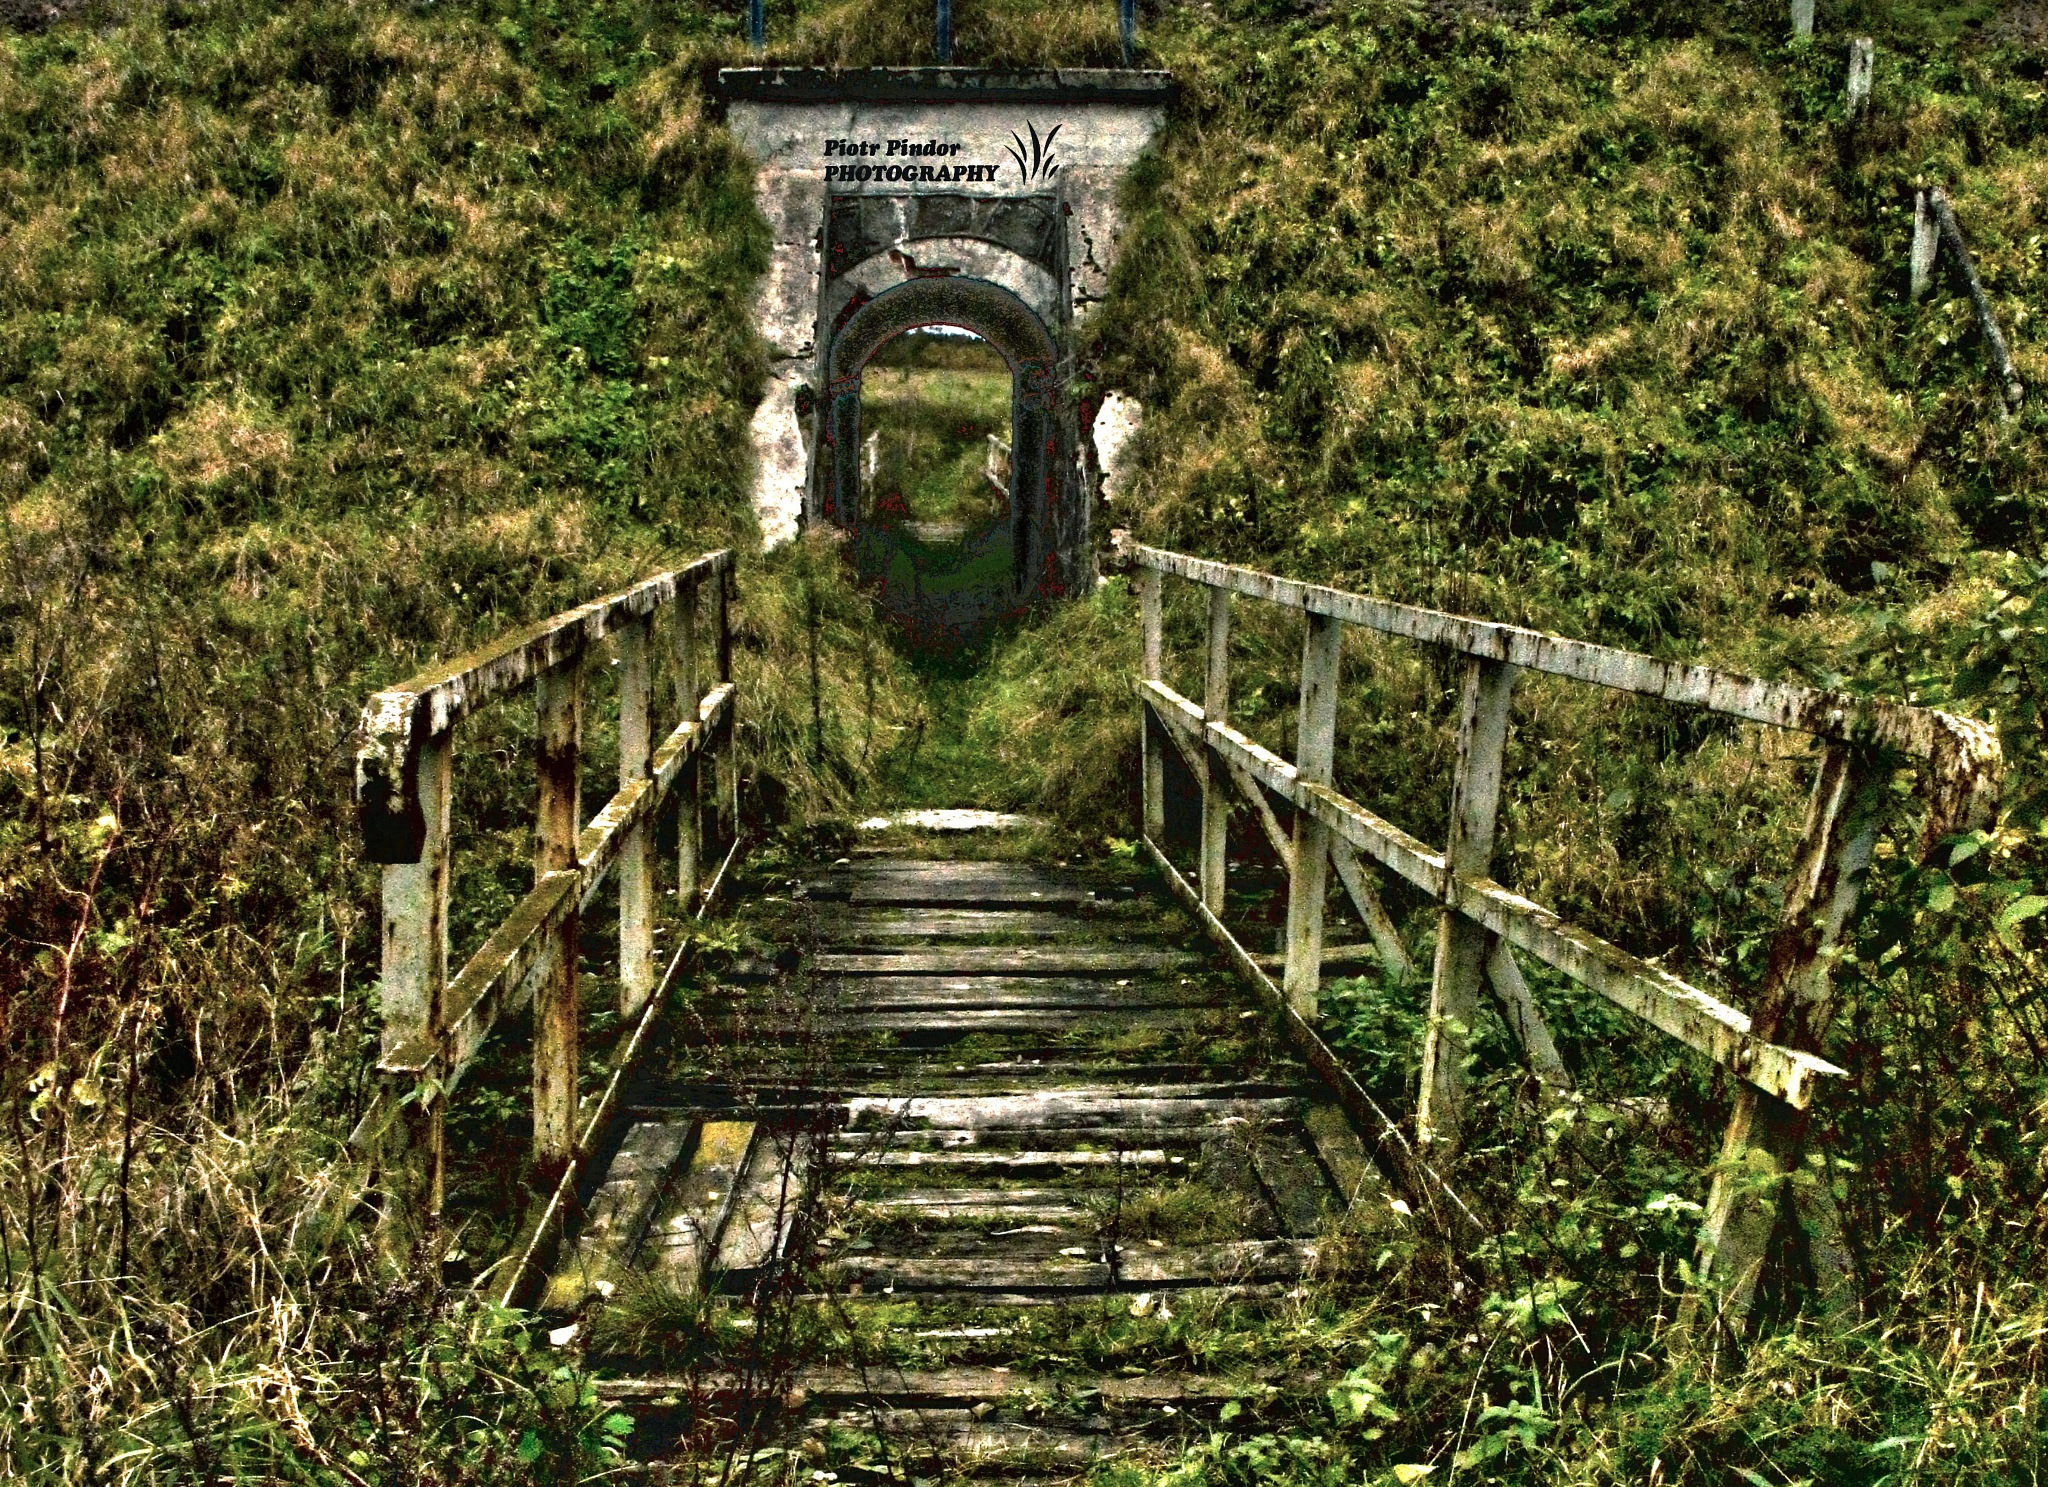 bridge by Piotr Pindor